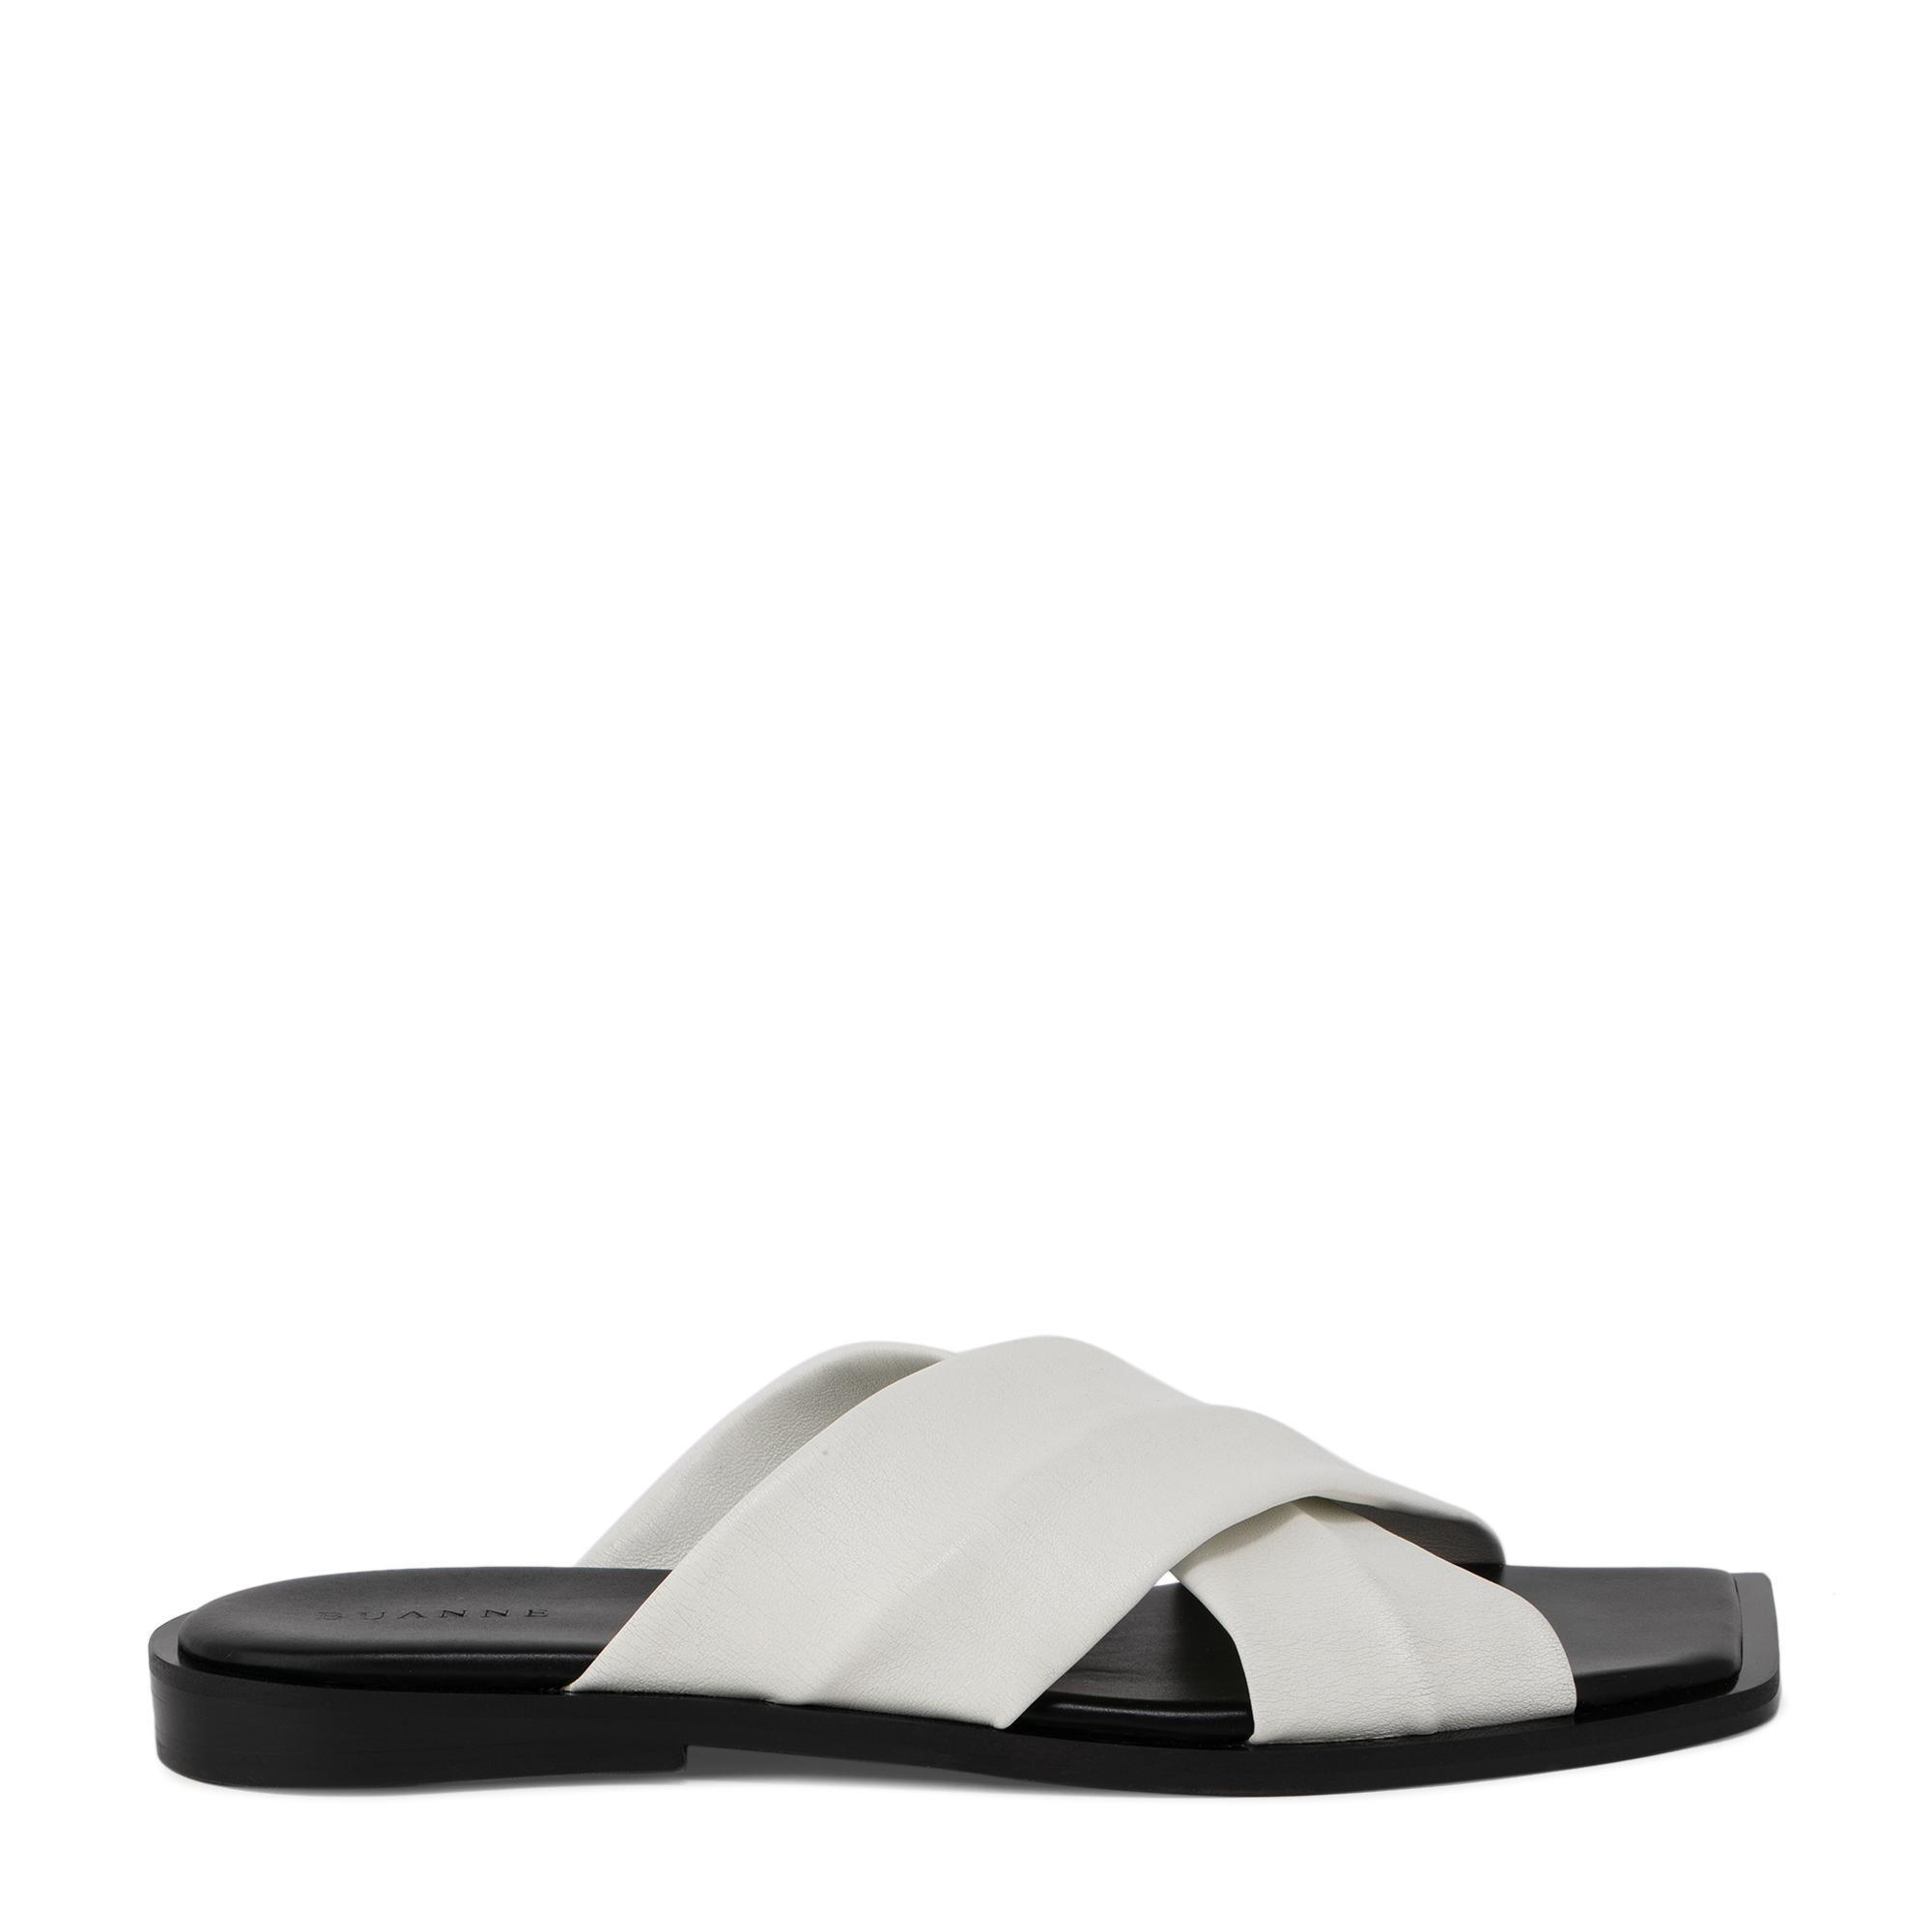 Ancash sandals